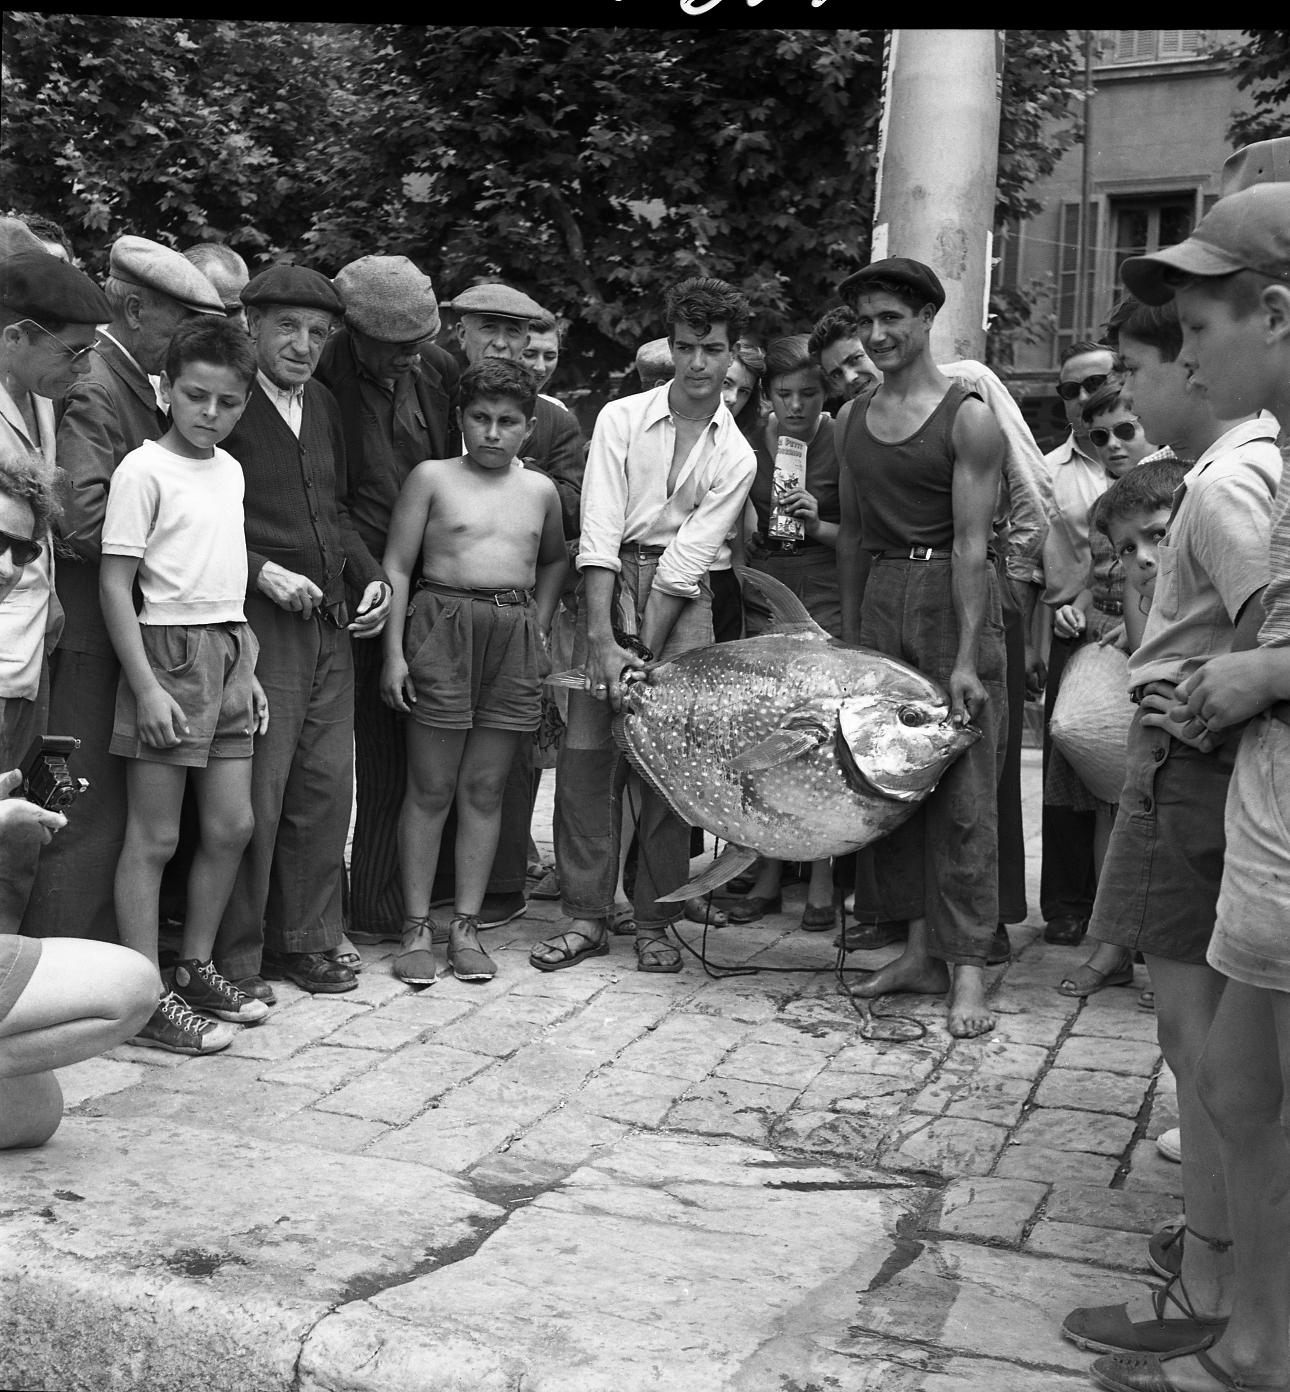 42Fi 0044 « Attraction sur le port suite à la pêche d'un gros poisson lune. Cette pièce ne pesait pas moins de 40 kilos et mesurait plus de un mètre de long. Elle a fait l'admiration des curieux ». (Le Provençal) 9/07/1953